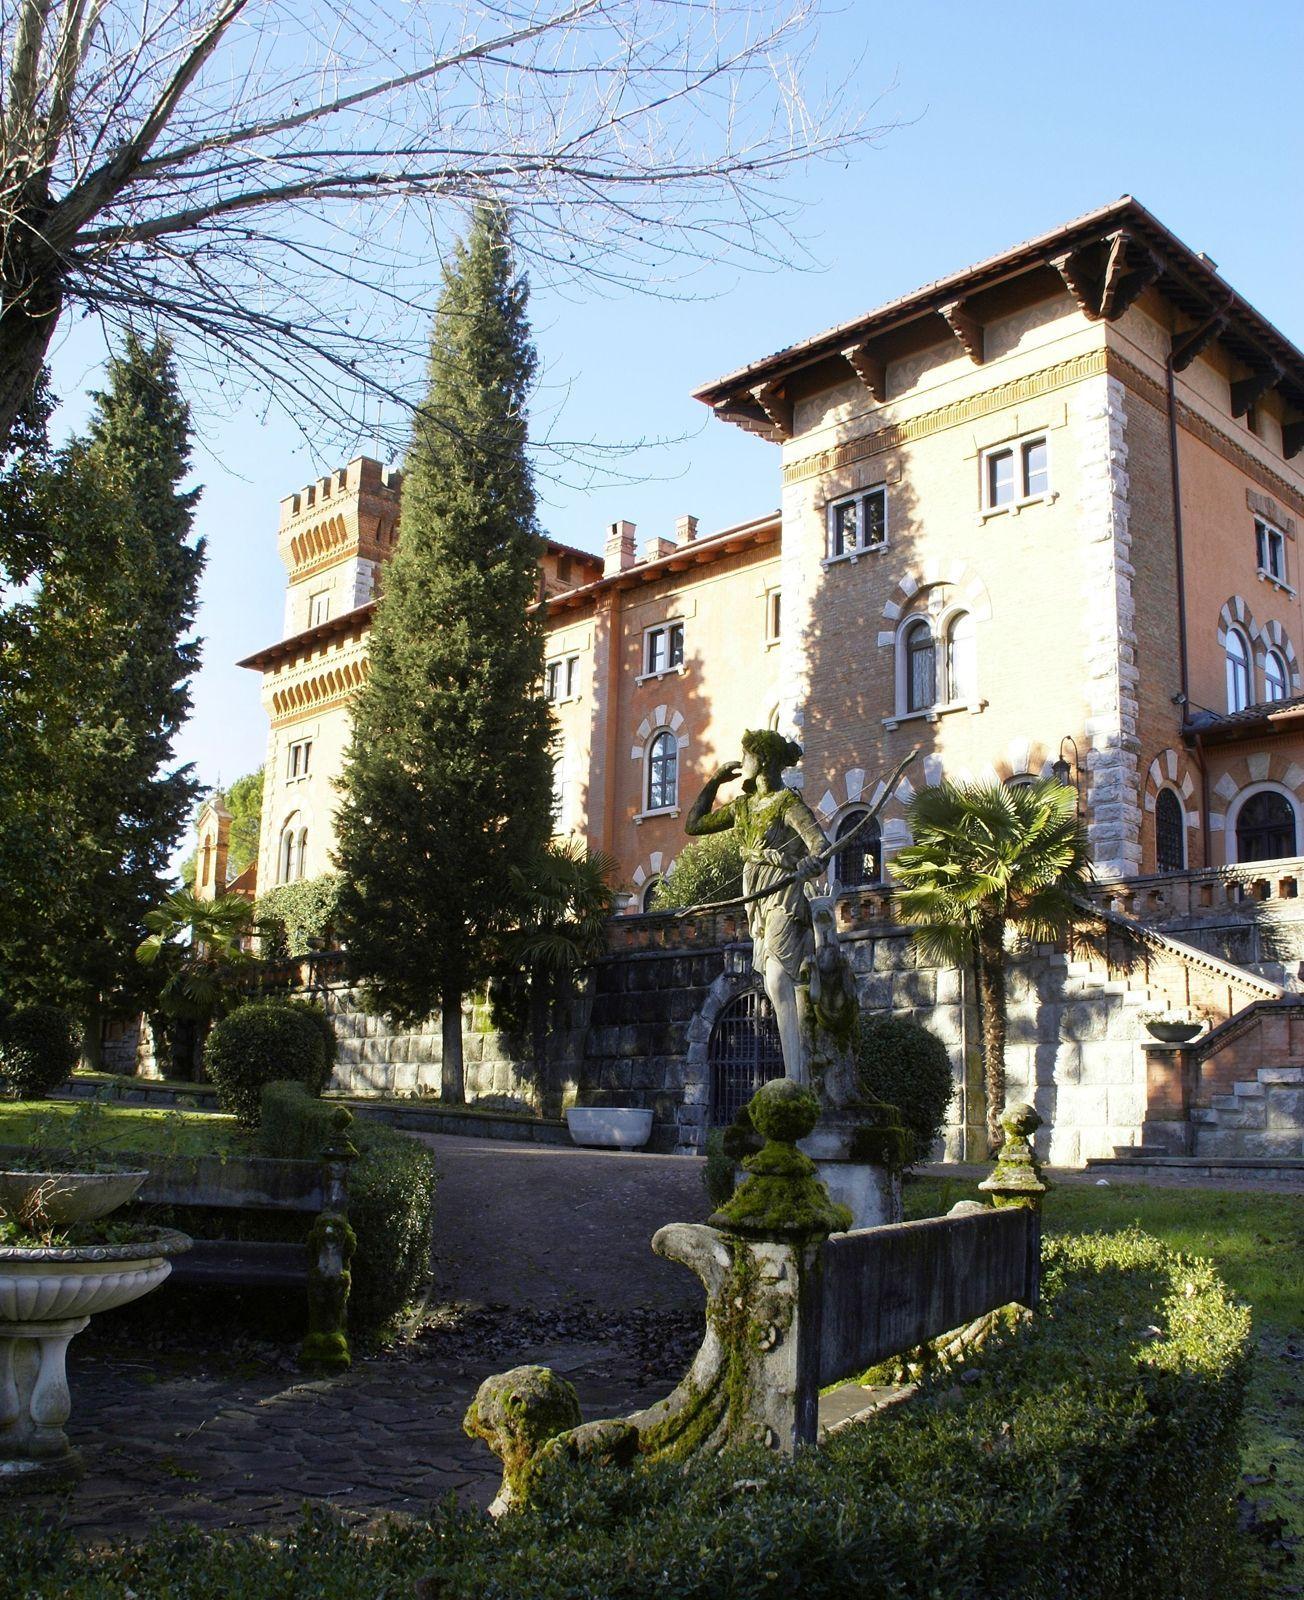 Castelli aperti in autunno turismoattivo fvg for Progettazione giardini friuli venezia giulia